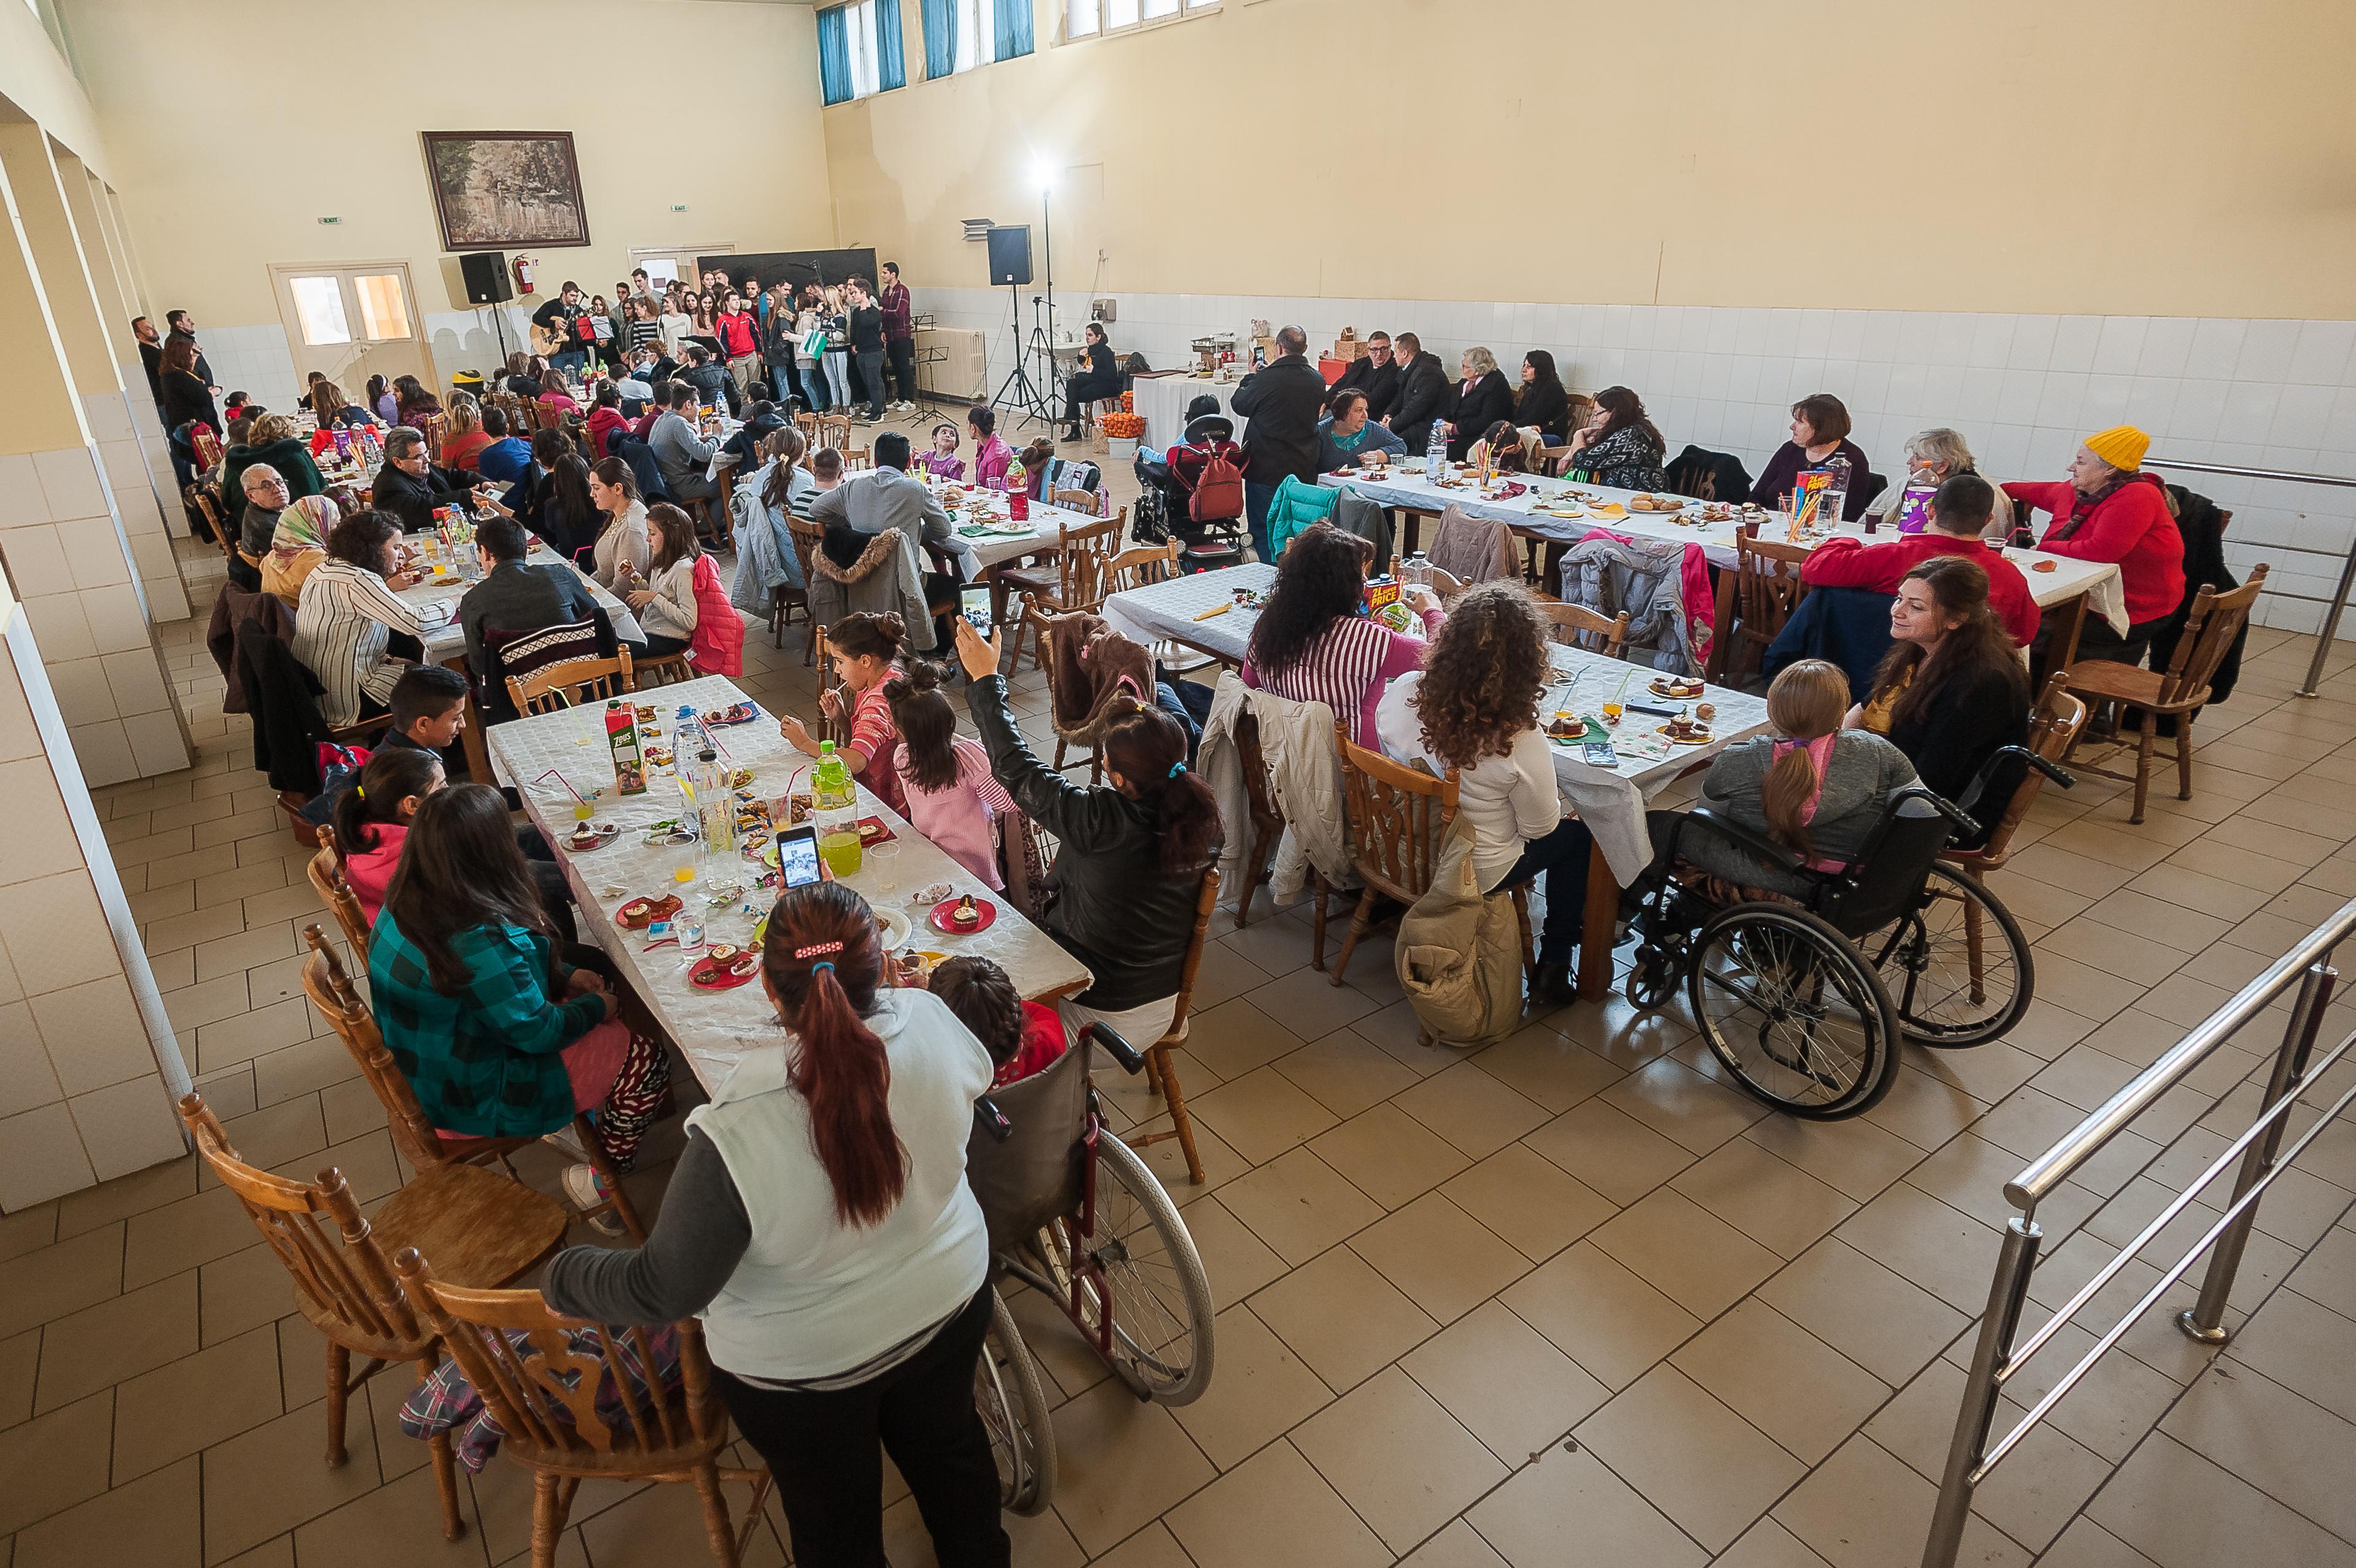 ACAS 3 decembrie 2016 Ziua Internationala a Persoanelor cu Dizabilitati-69